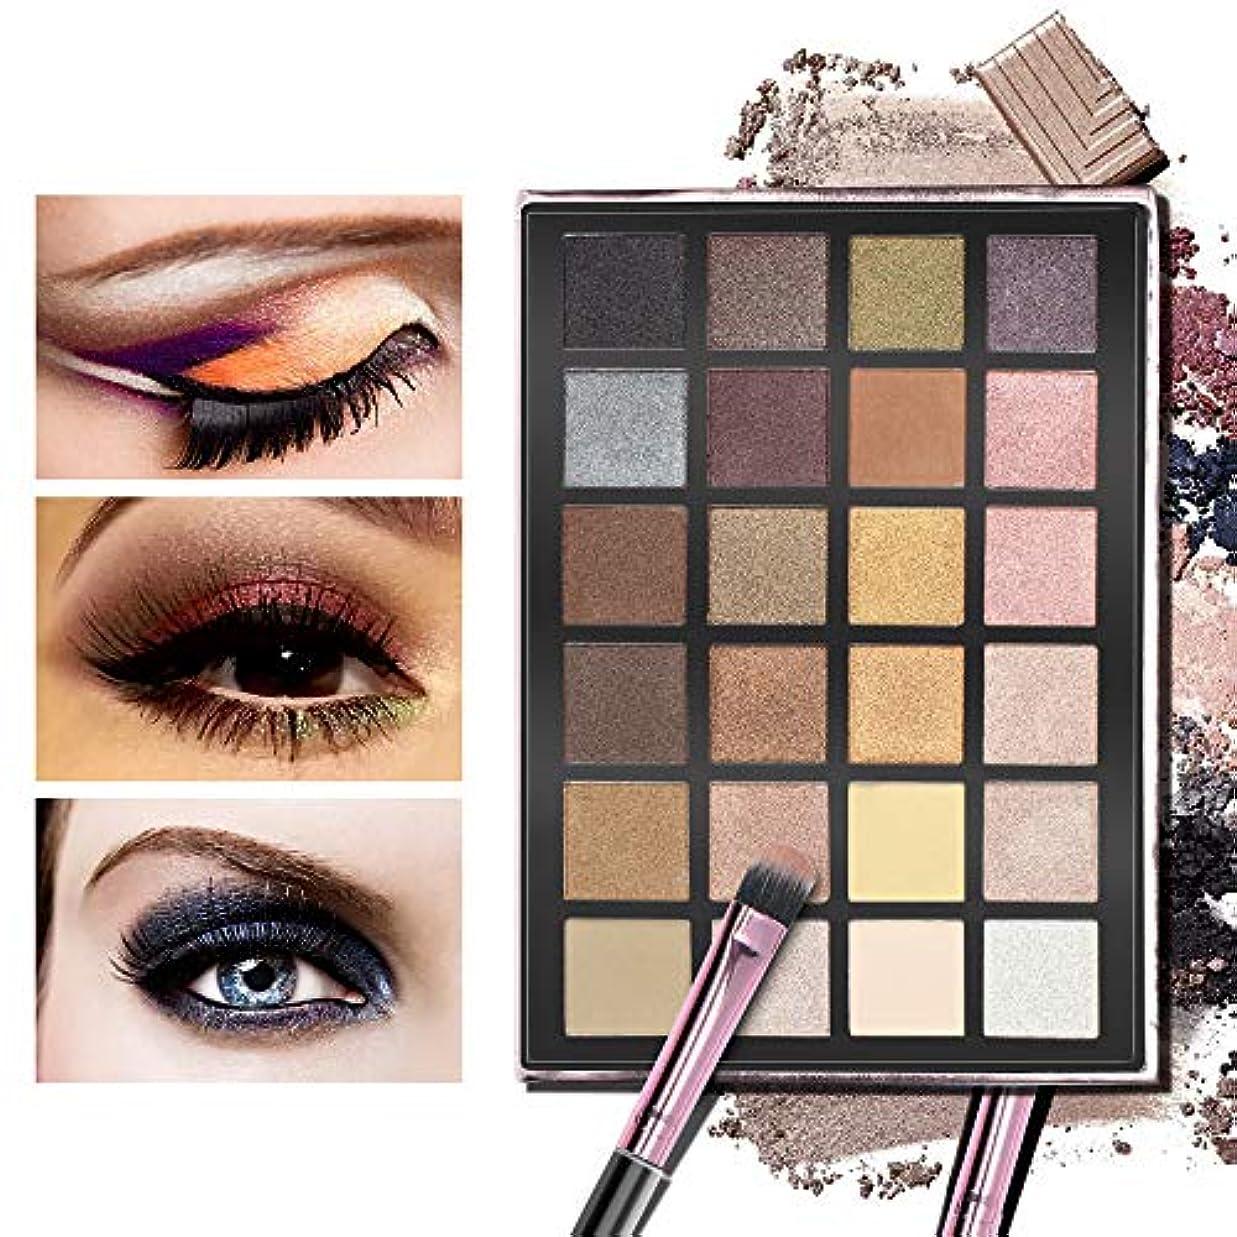 センチメートルショートカット重なるAkane アイシャドウパレット ANYLADY 人気 ファッション ゴージャス 綺麗 欧米風 日本人肌に合う マット つや消し 持ち便利 Eye Shadow (24色)